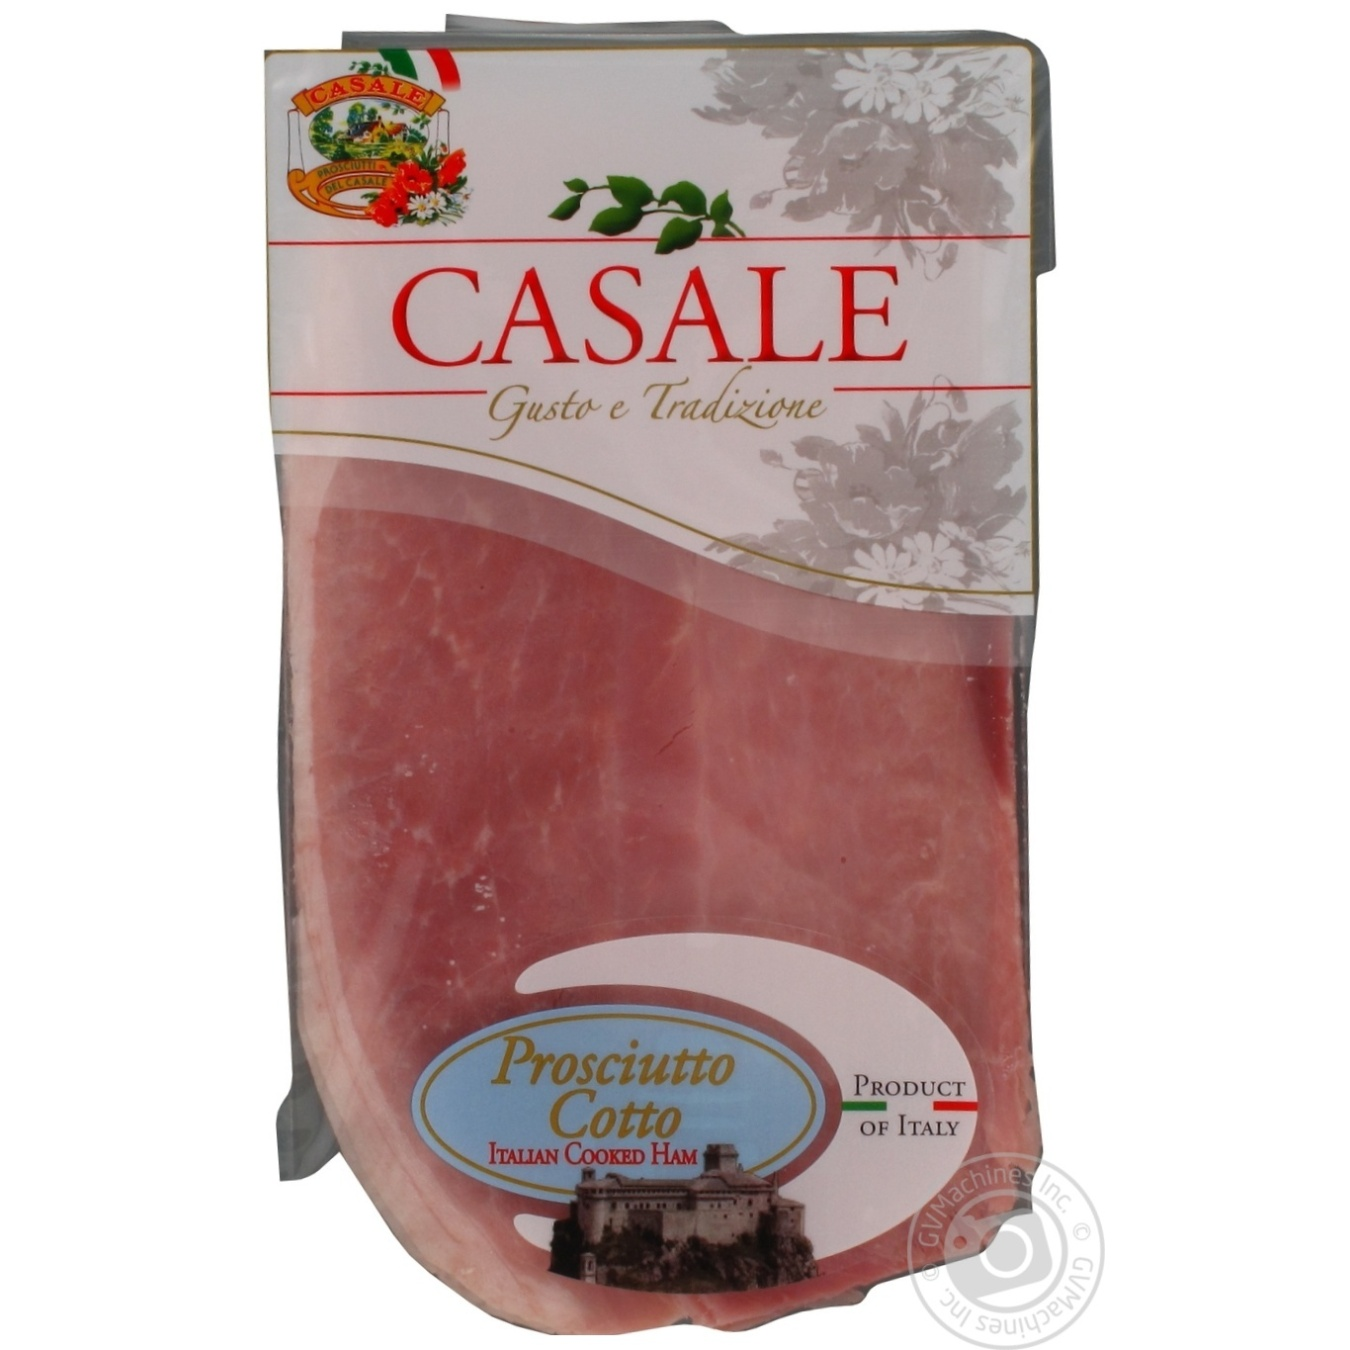 Купить М'ясні делікатеси, Шинка Casale Cotto італійська варена нарізка слайсами 80г